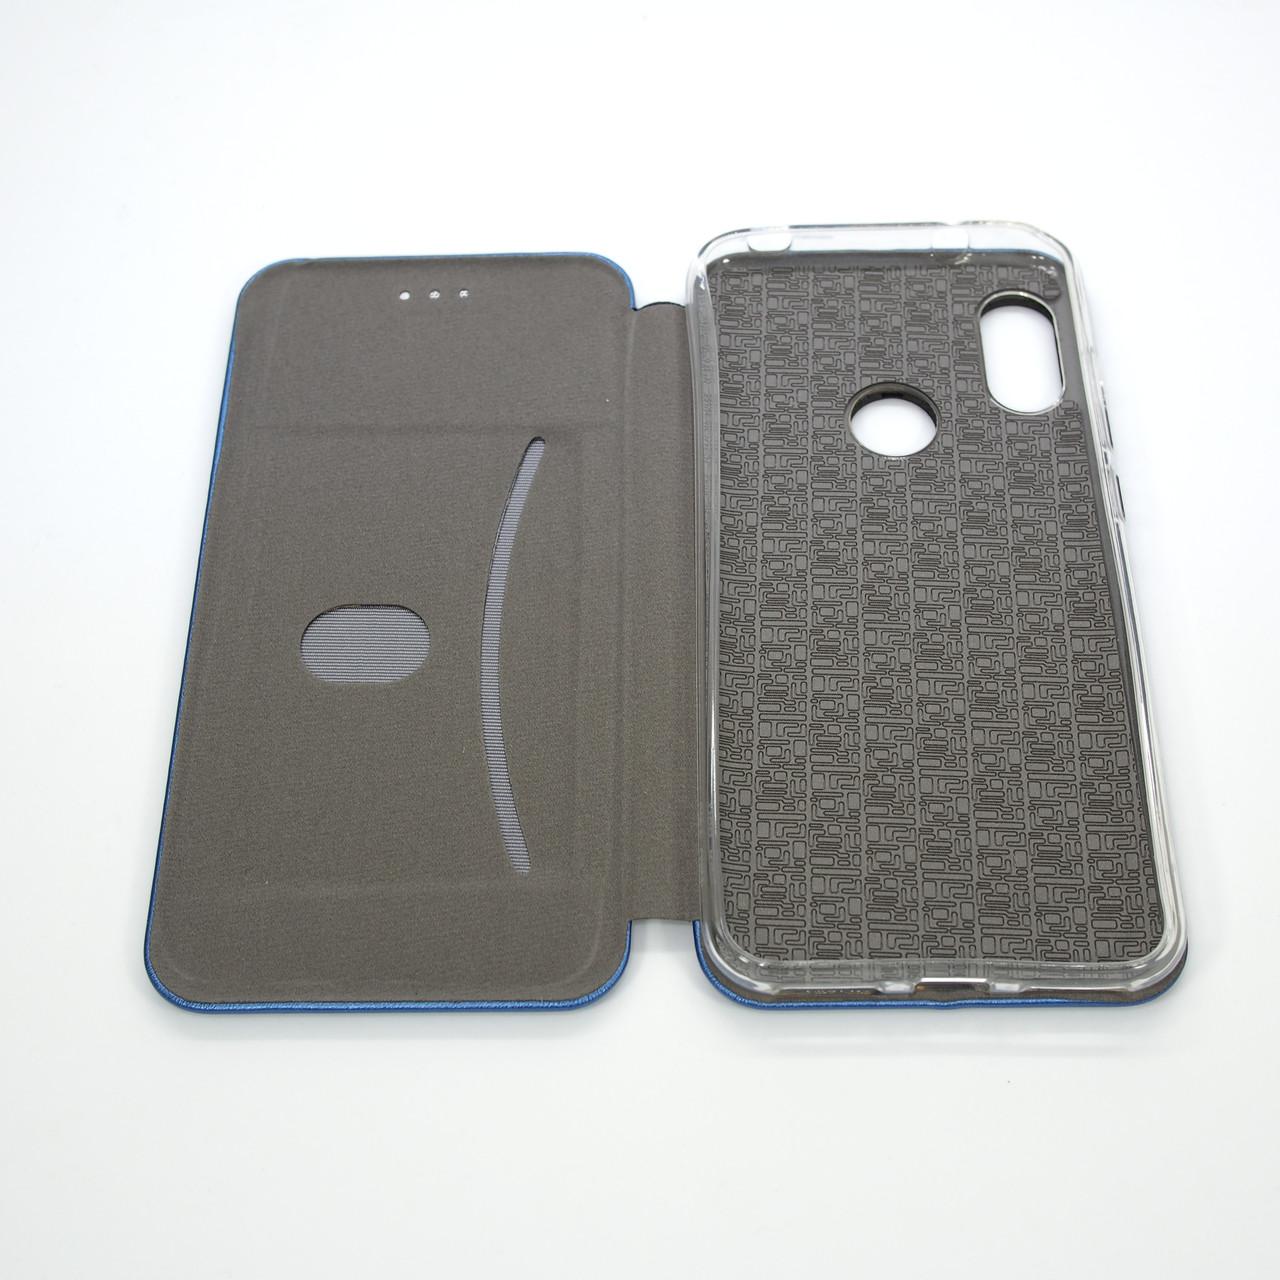 G-Case Xiaomi redmi 6 Pro blue Mi A2 Lite Redmi Для телефона